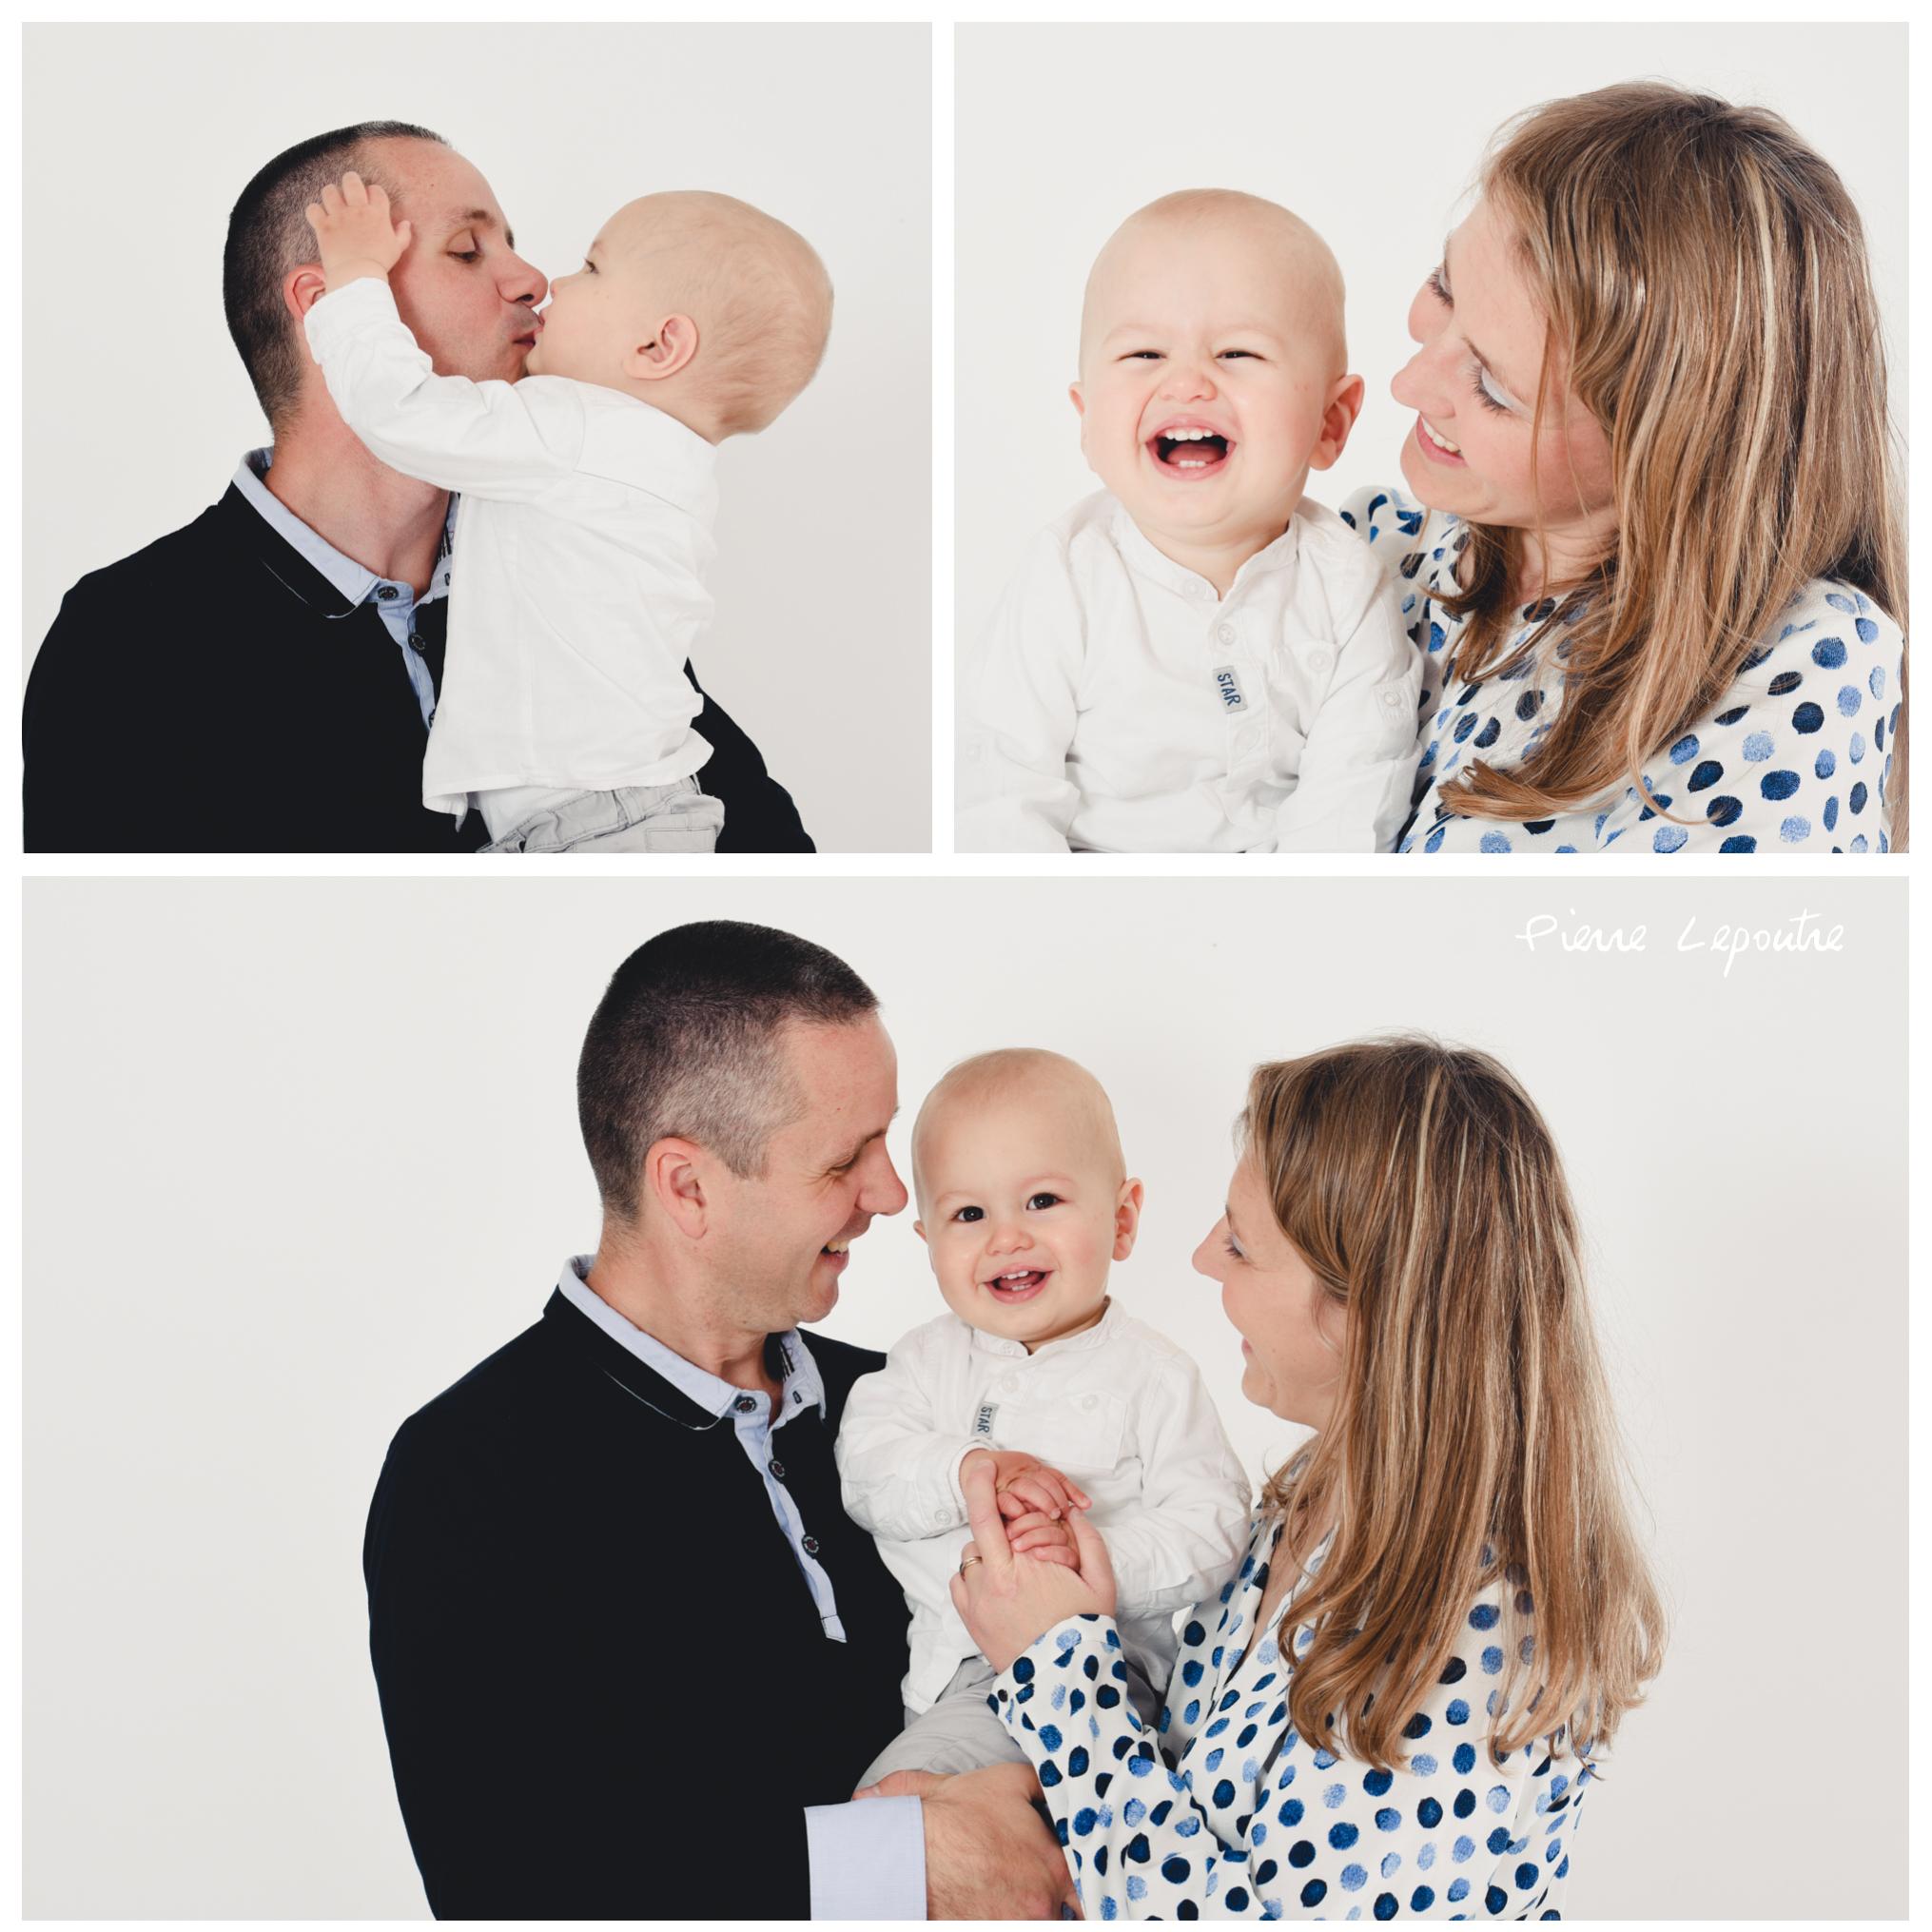 Séance photo au studio de Chateaubourg Pierre Lepoutre photographe mariage famille naissance et grande famille